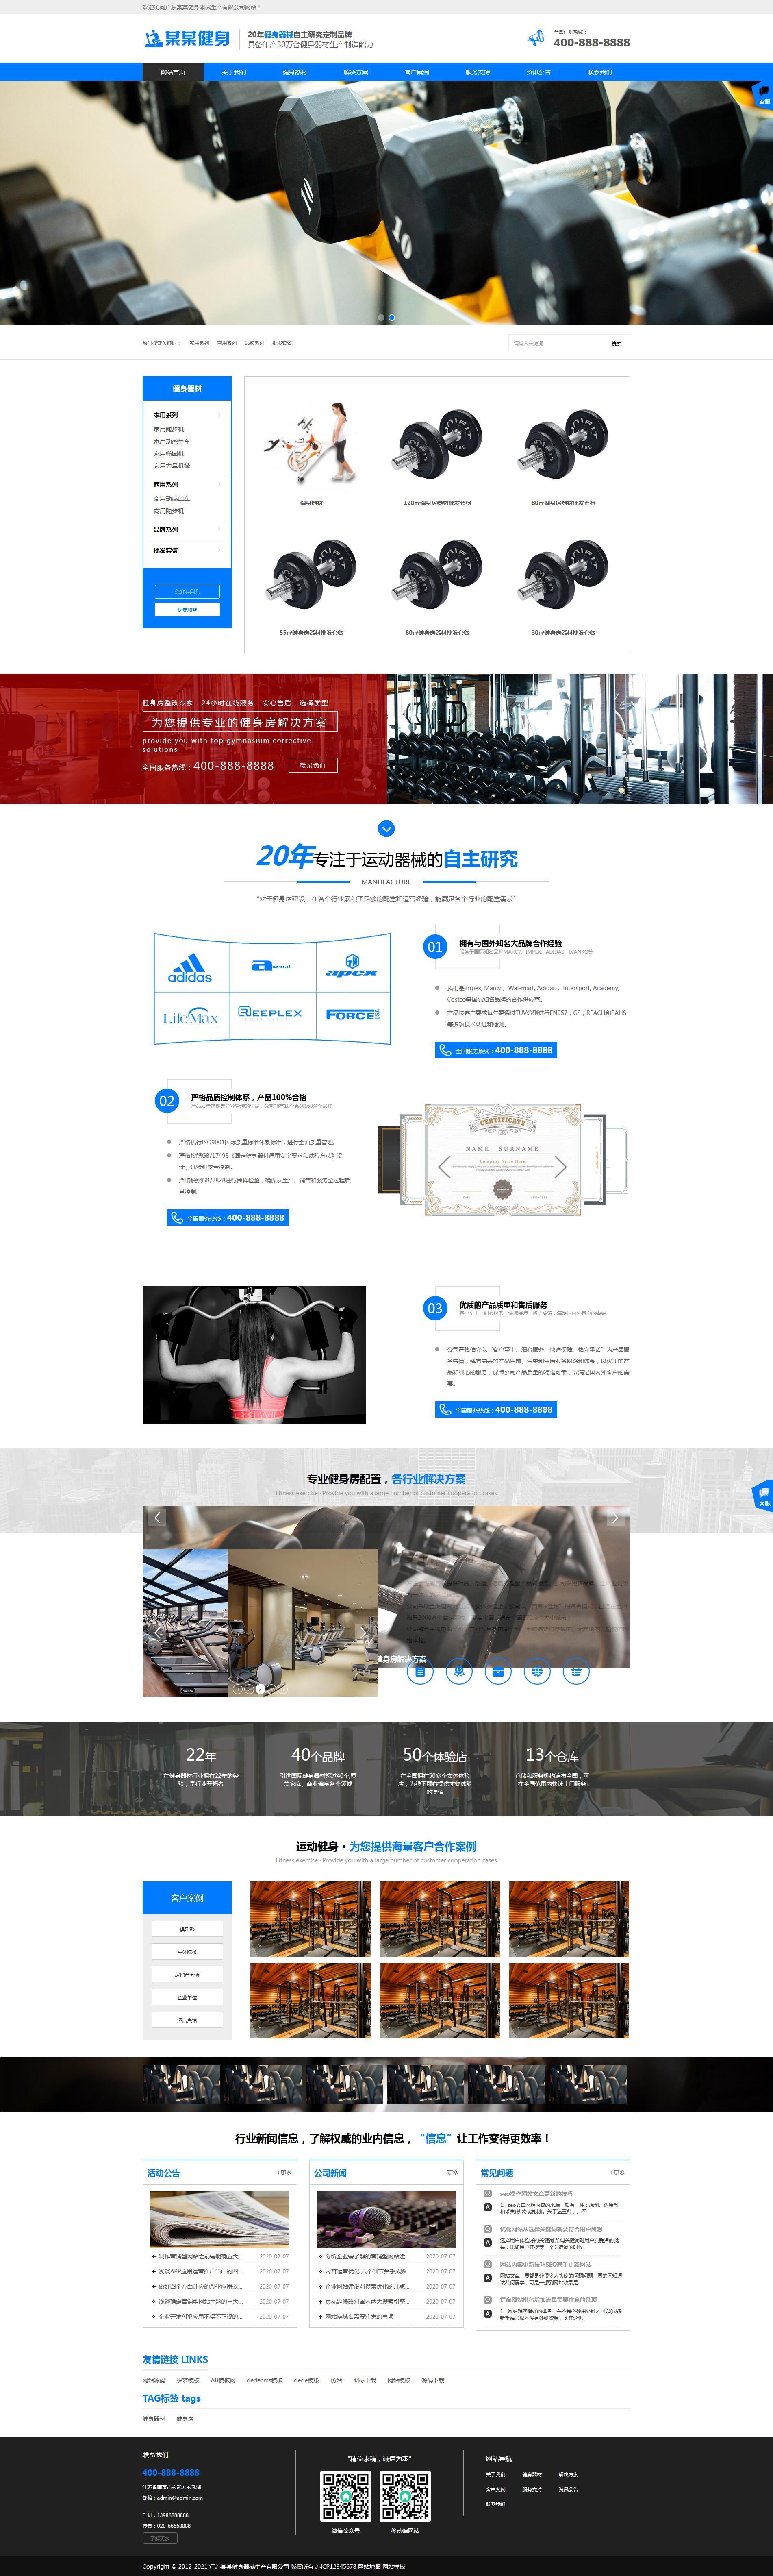 织梦内核蓝色响应式营销型运动健身器械器材企业网站模板 自适应手机